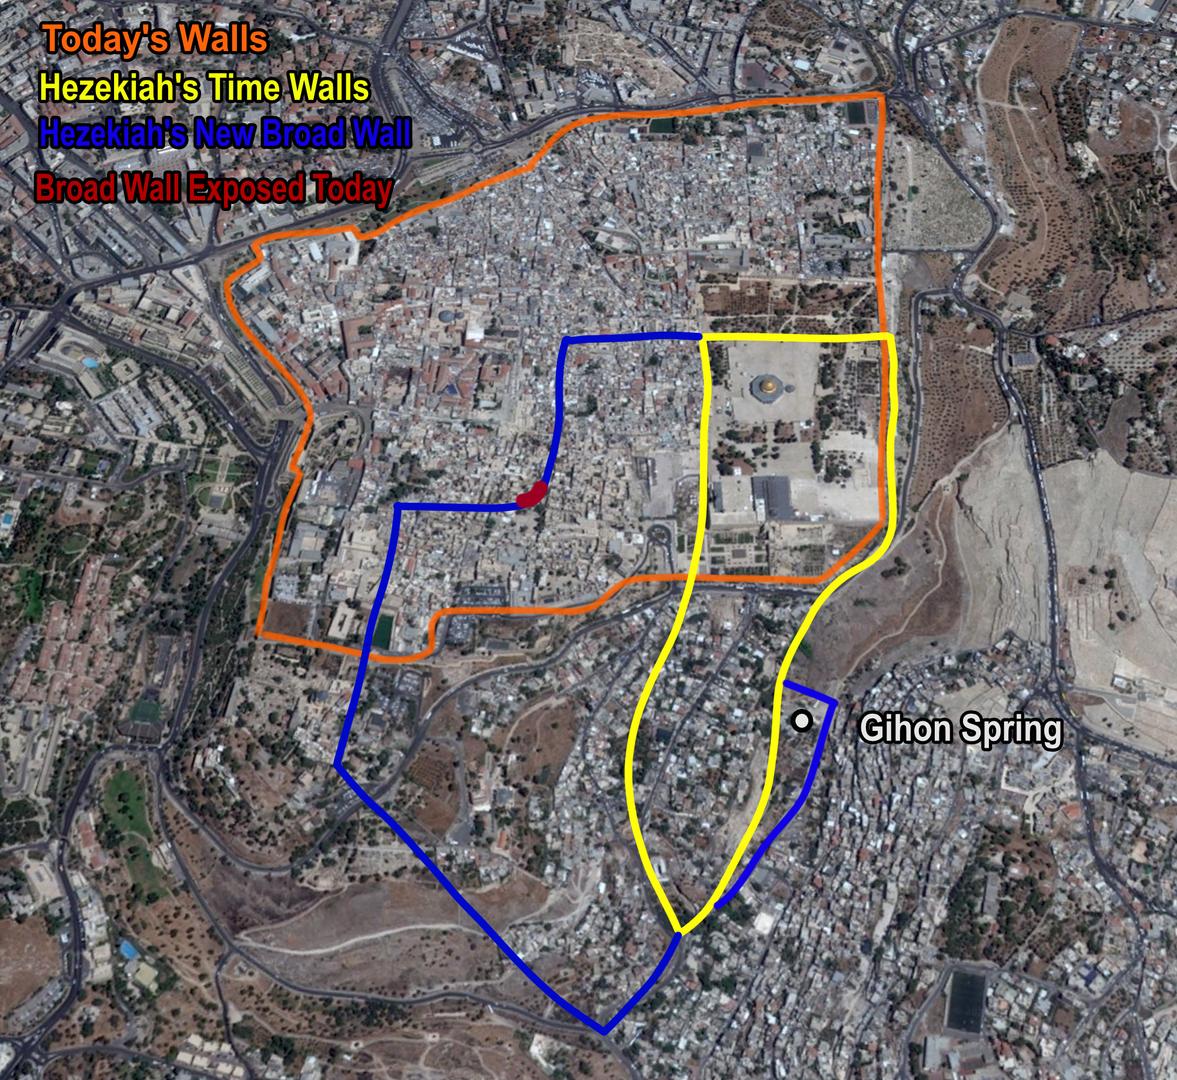 Hezekiah's Broad Wall Map.png